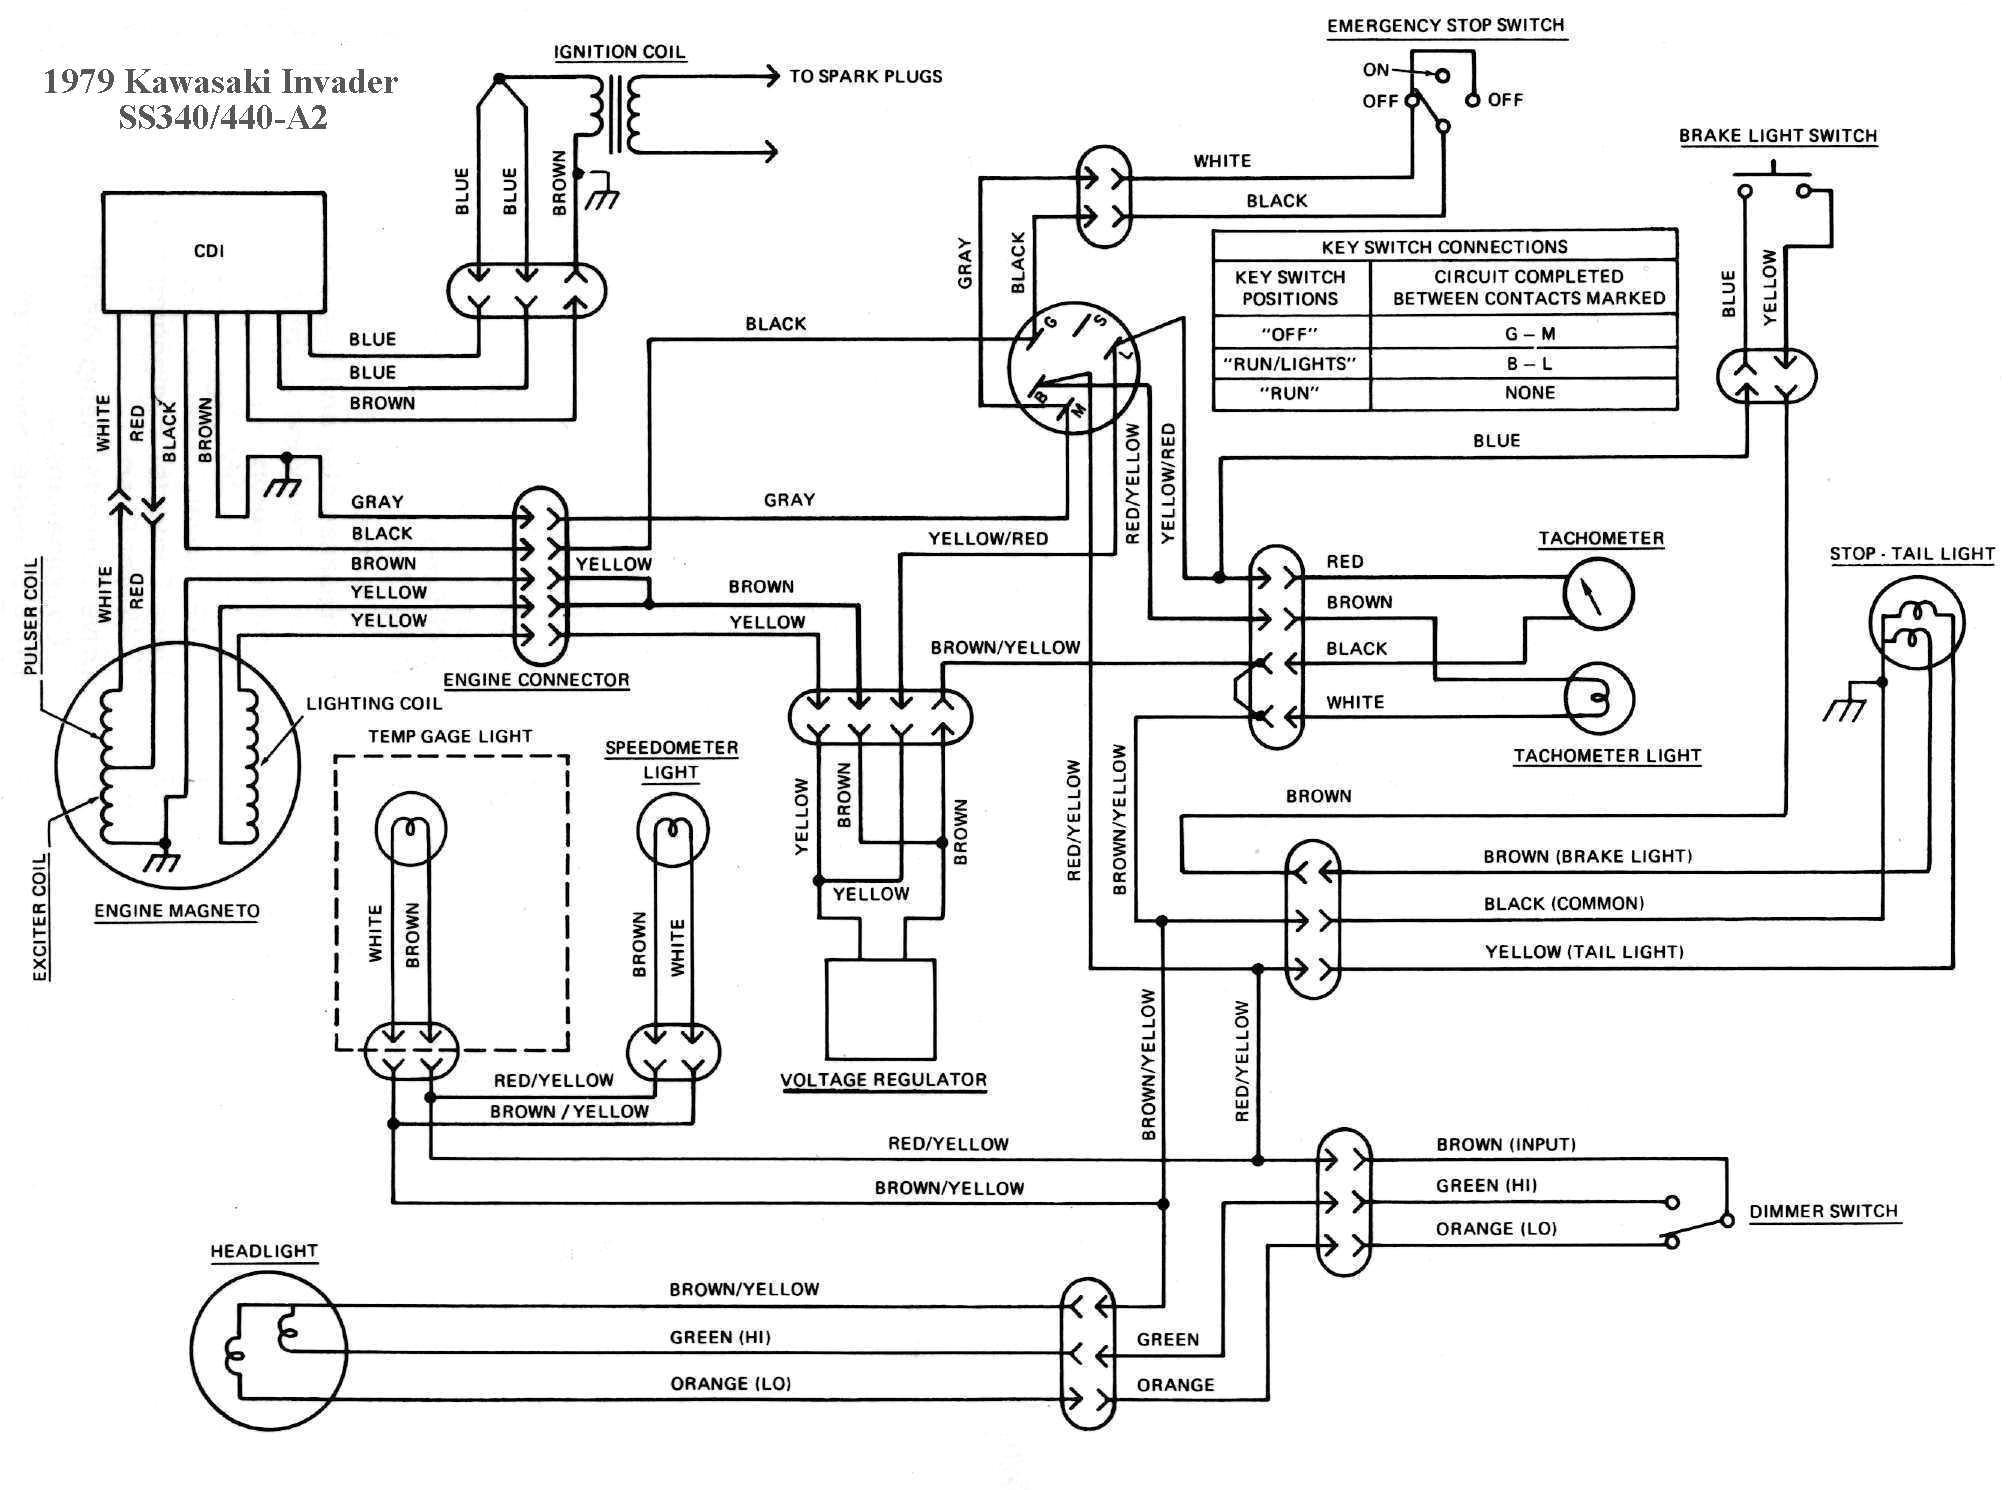 a2 wiring diagram wiring diagram postwrg 4699 a2 wiring diagram a wiring diagram for a